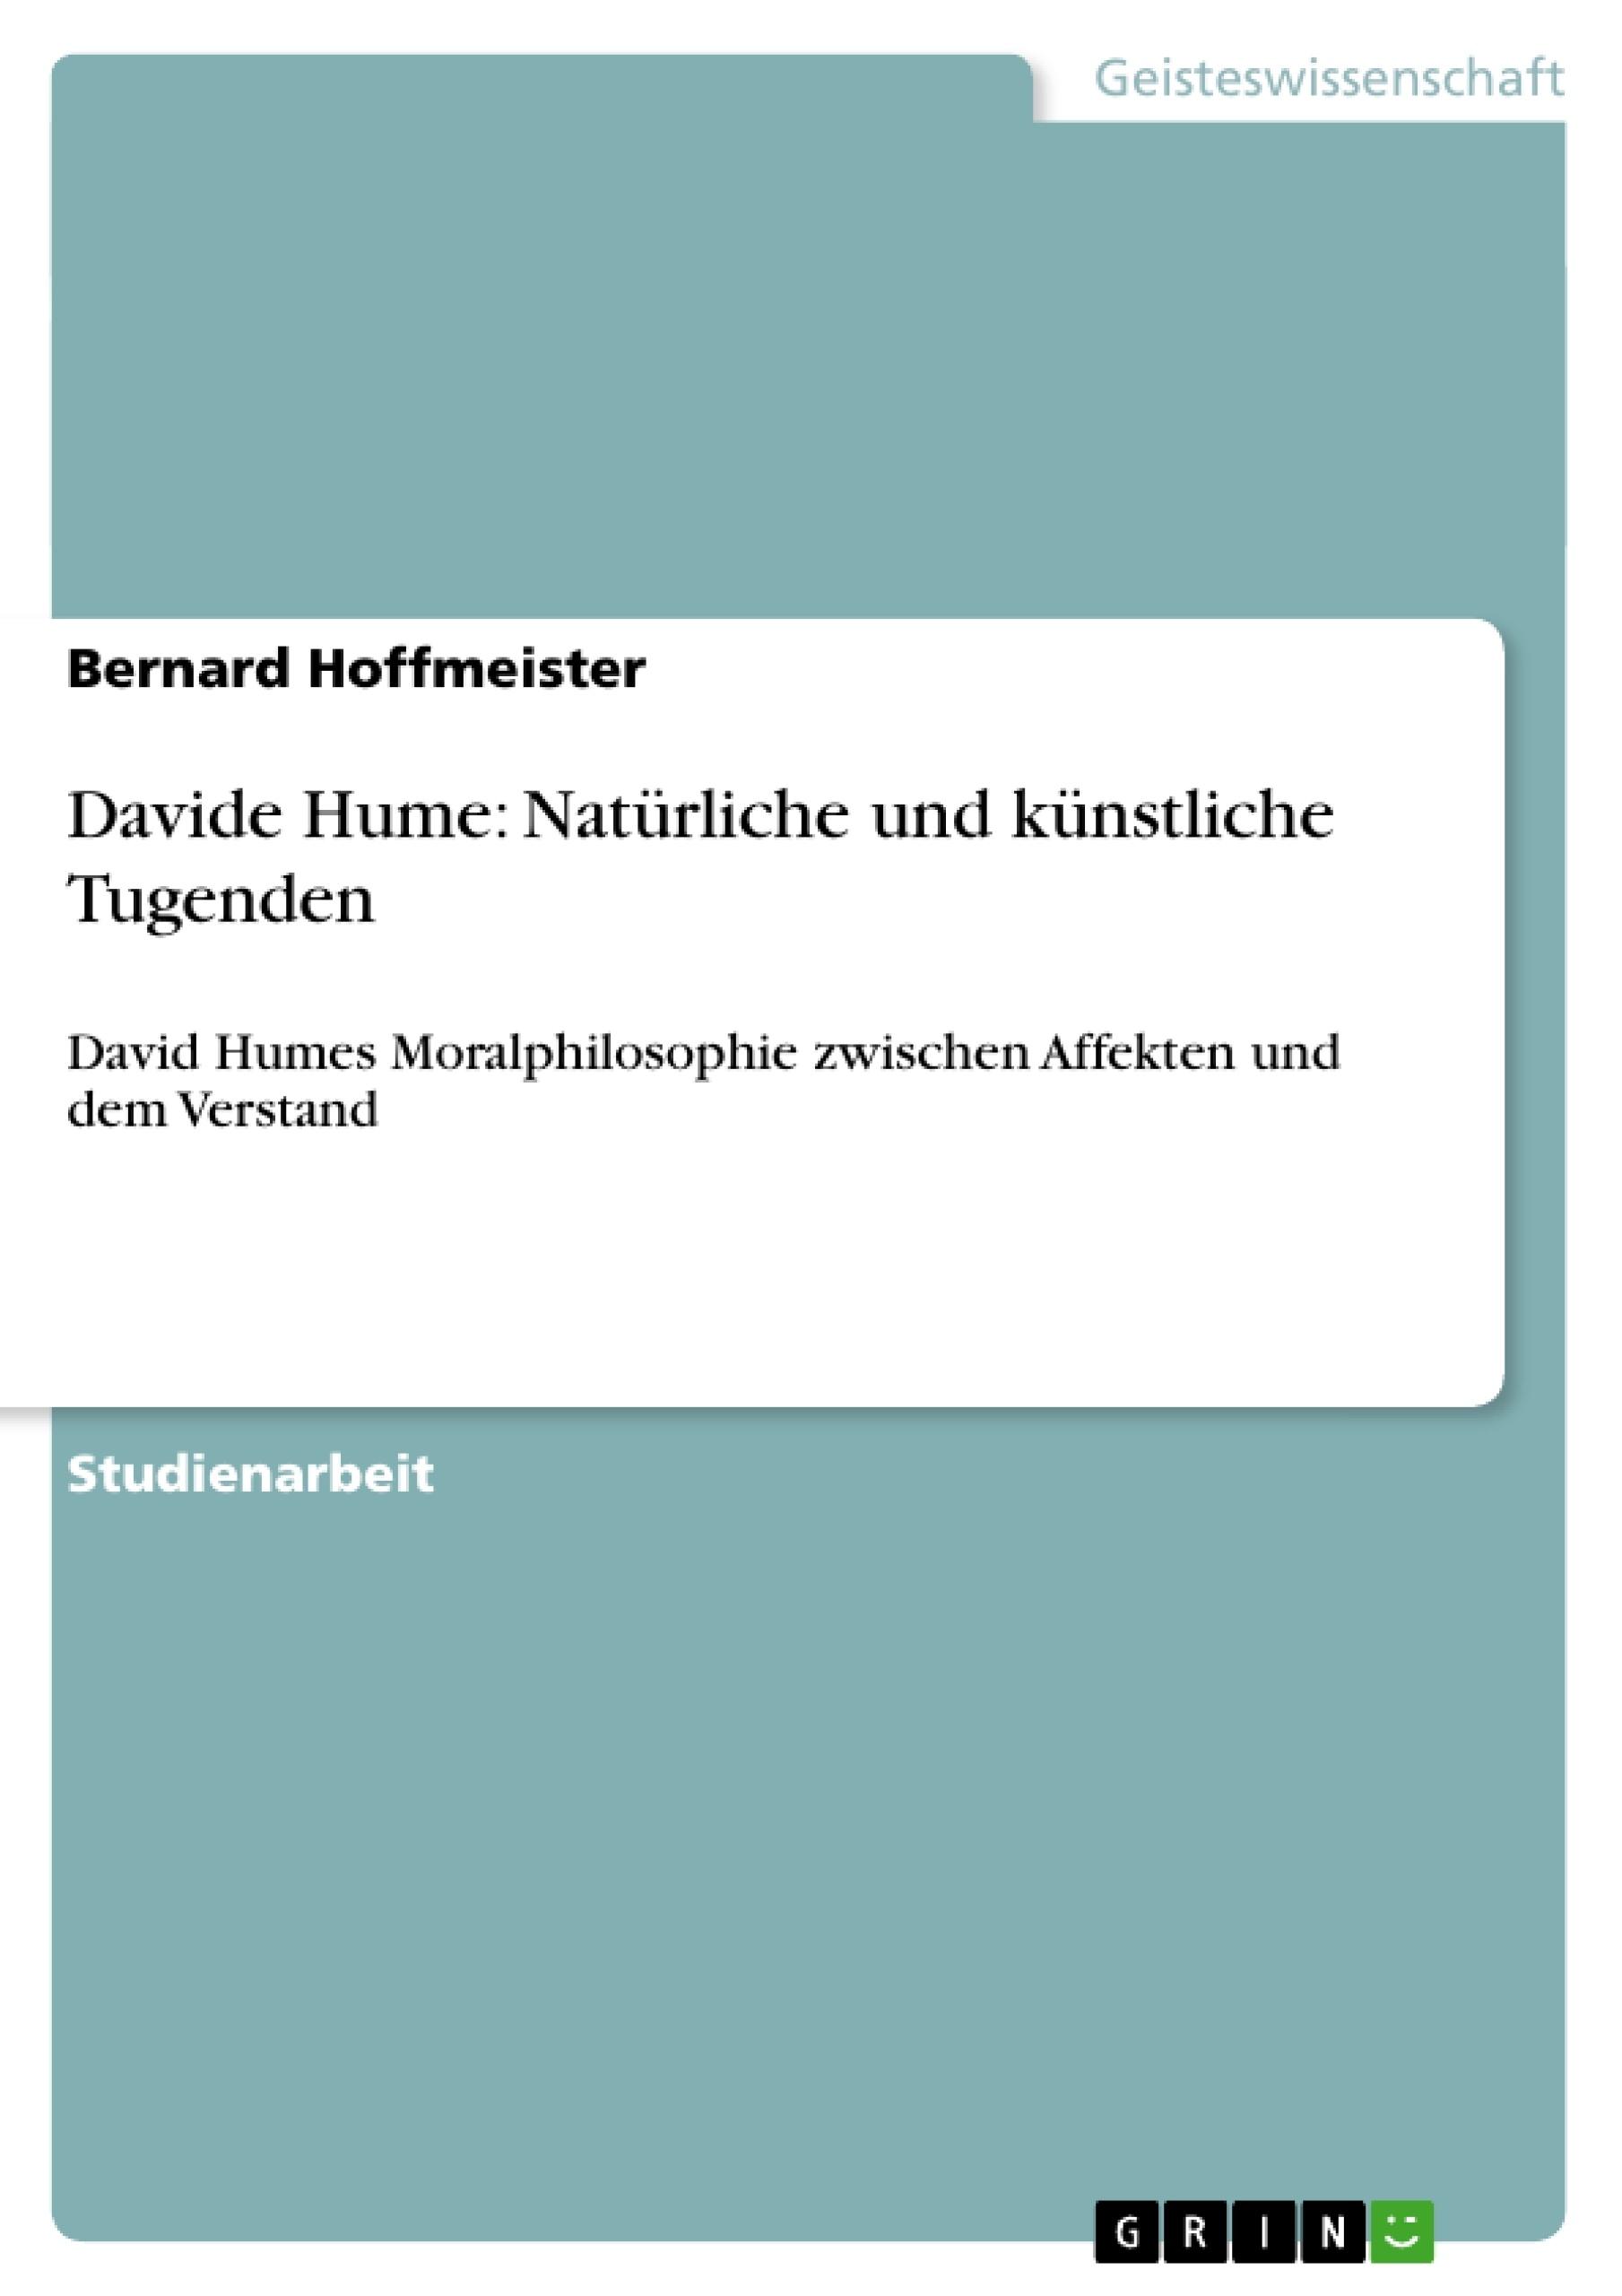 Titel: Davide Hume: Natürliche und künstliche Tugenden